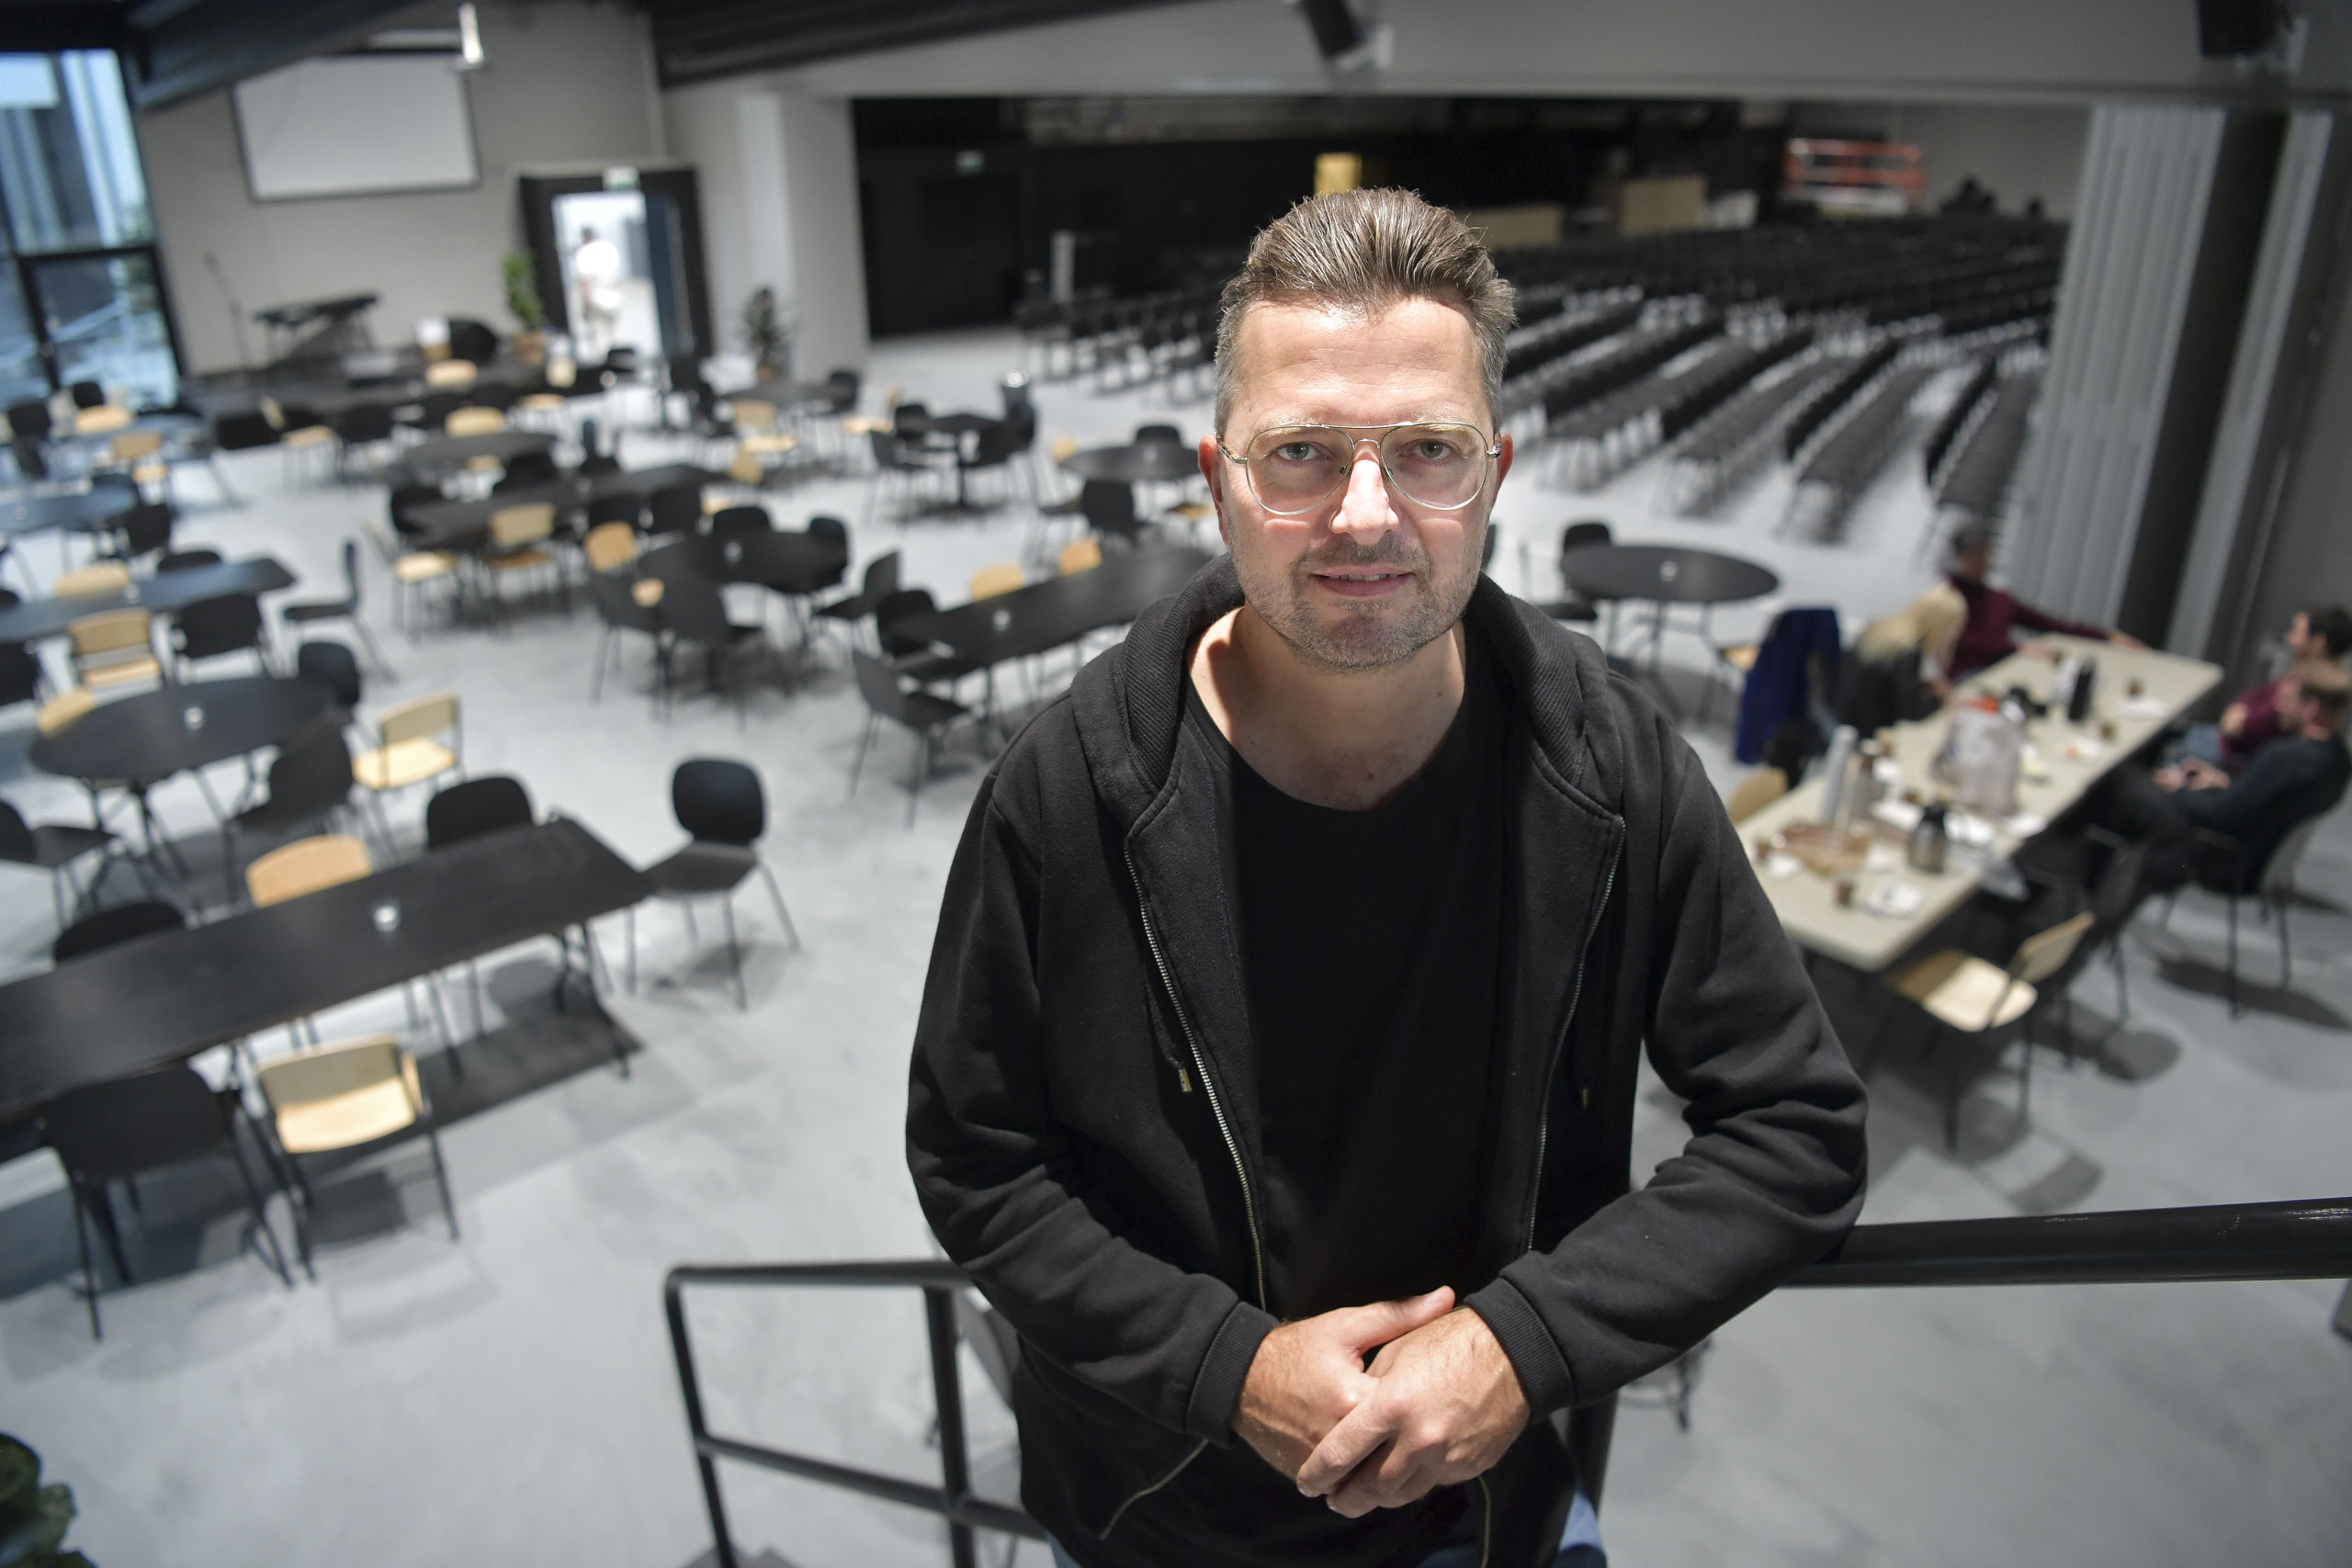 - A2 er det eneste store kulturhus i sydbyen, og vi håber, at Aalborg vil tage godt imod os, siger Dan S. Jacobi, som er præst i Aalborg Citykirke. Foto: Claus Søndberg